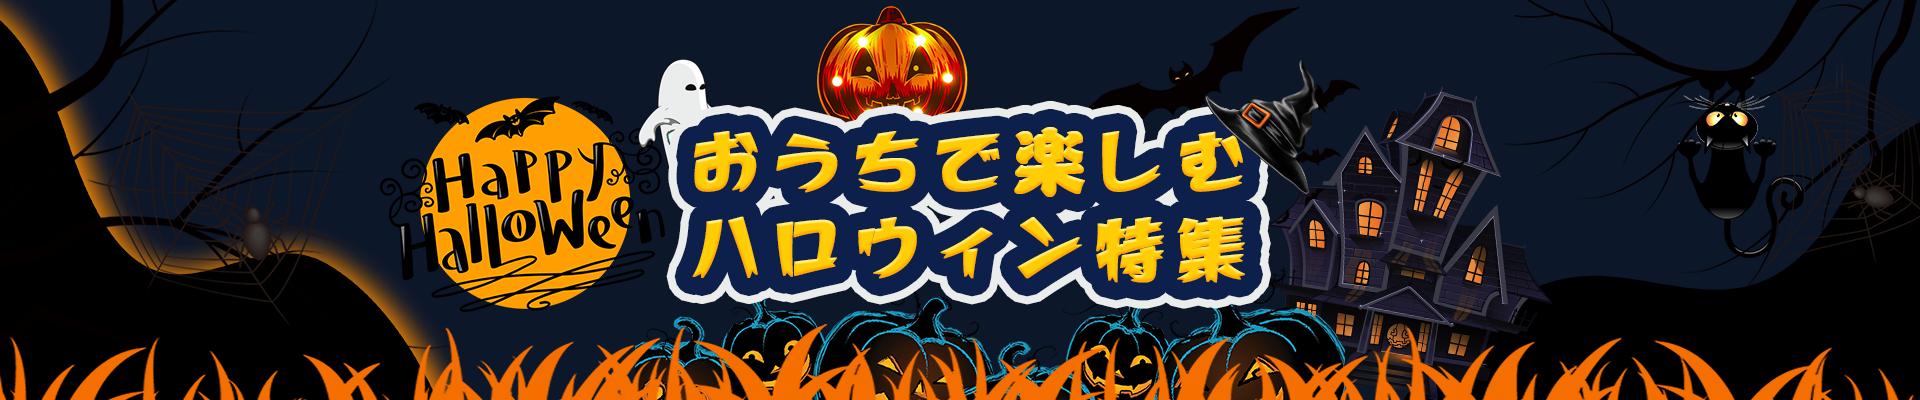 「Cmall」Happy Halloween おうちで楽しむハロウィン特集